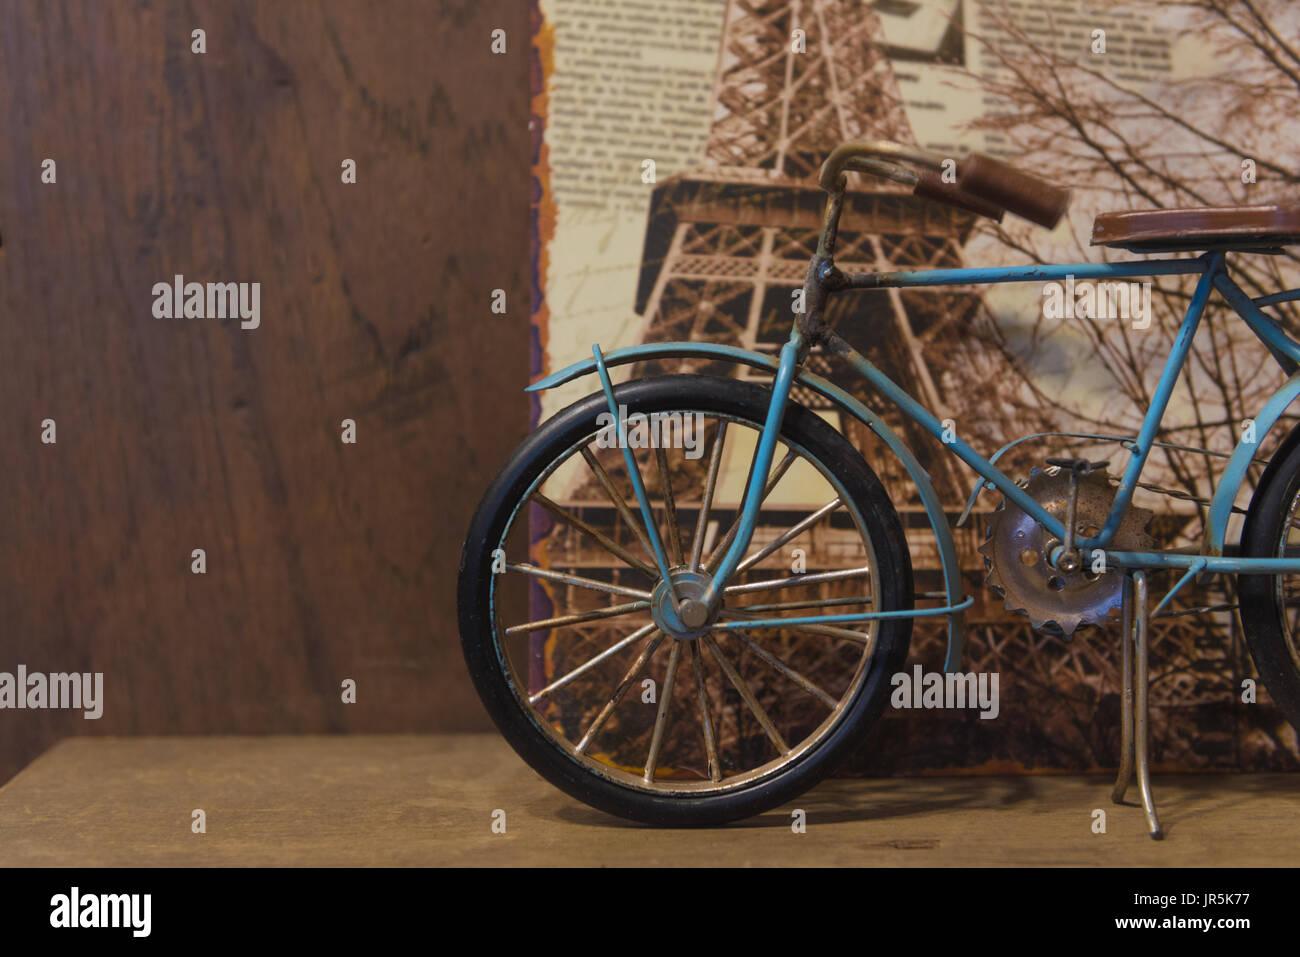 O Almacenaje Madera Juguete De Cafetería Modelo Bicicletas uiOPXkZ